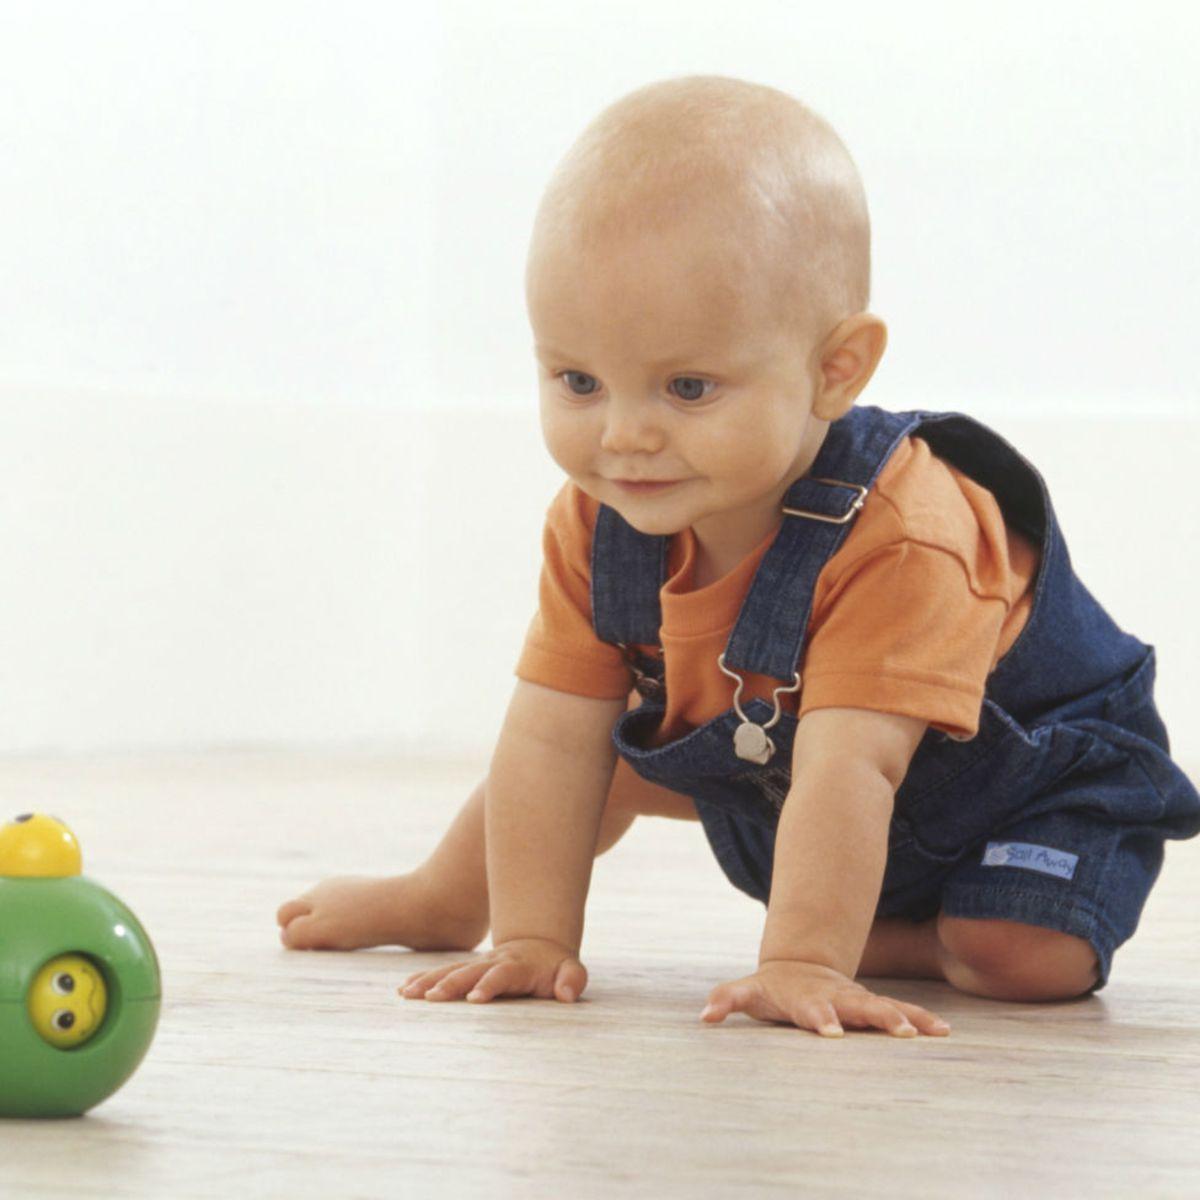 L'éveil De Bébé De 6 À 9 Mois : Les Débuts De La Motricité encequiconcerne Bebe 6 Mois Eveil